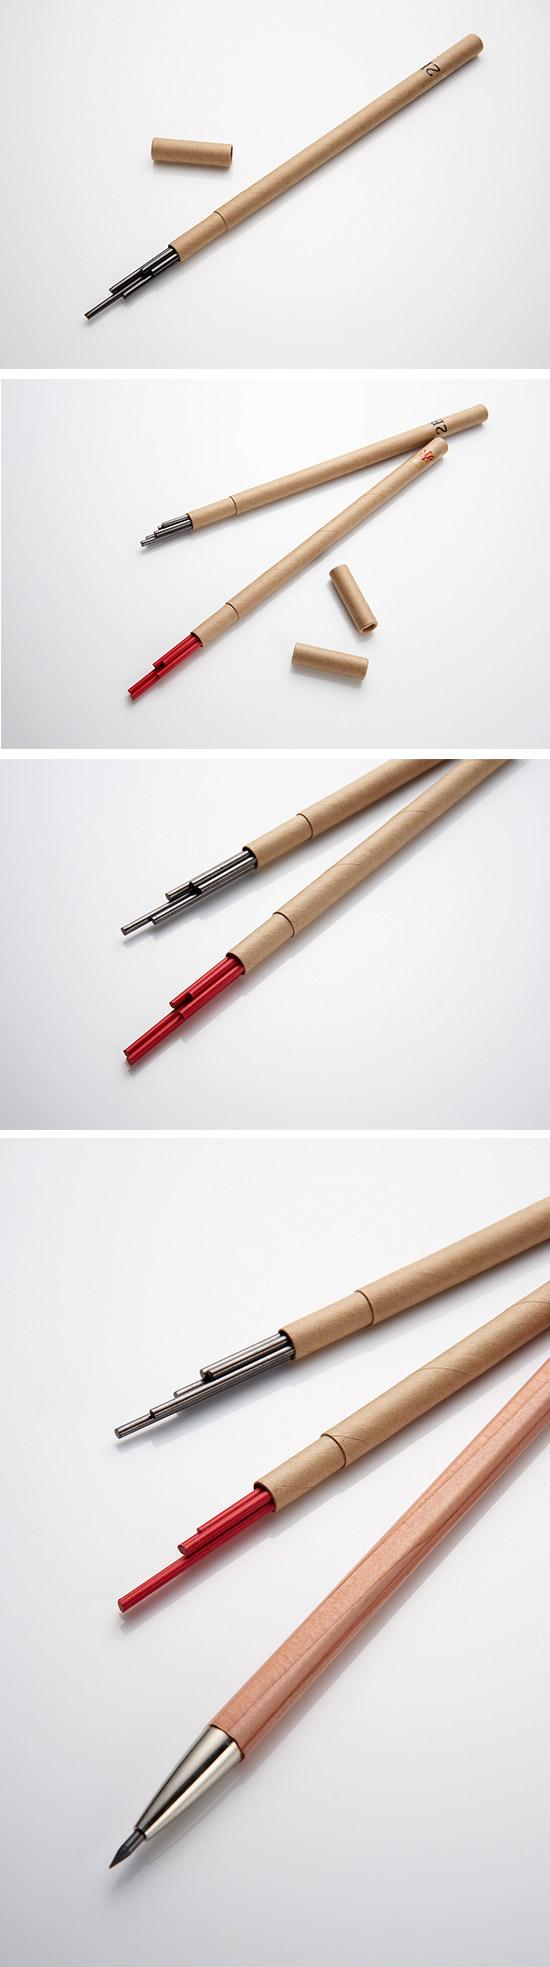 北星大人鉛筆 2mm鉛筆芯 黑 HB